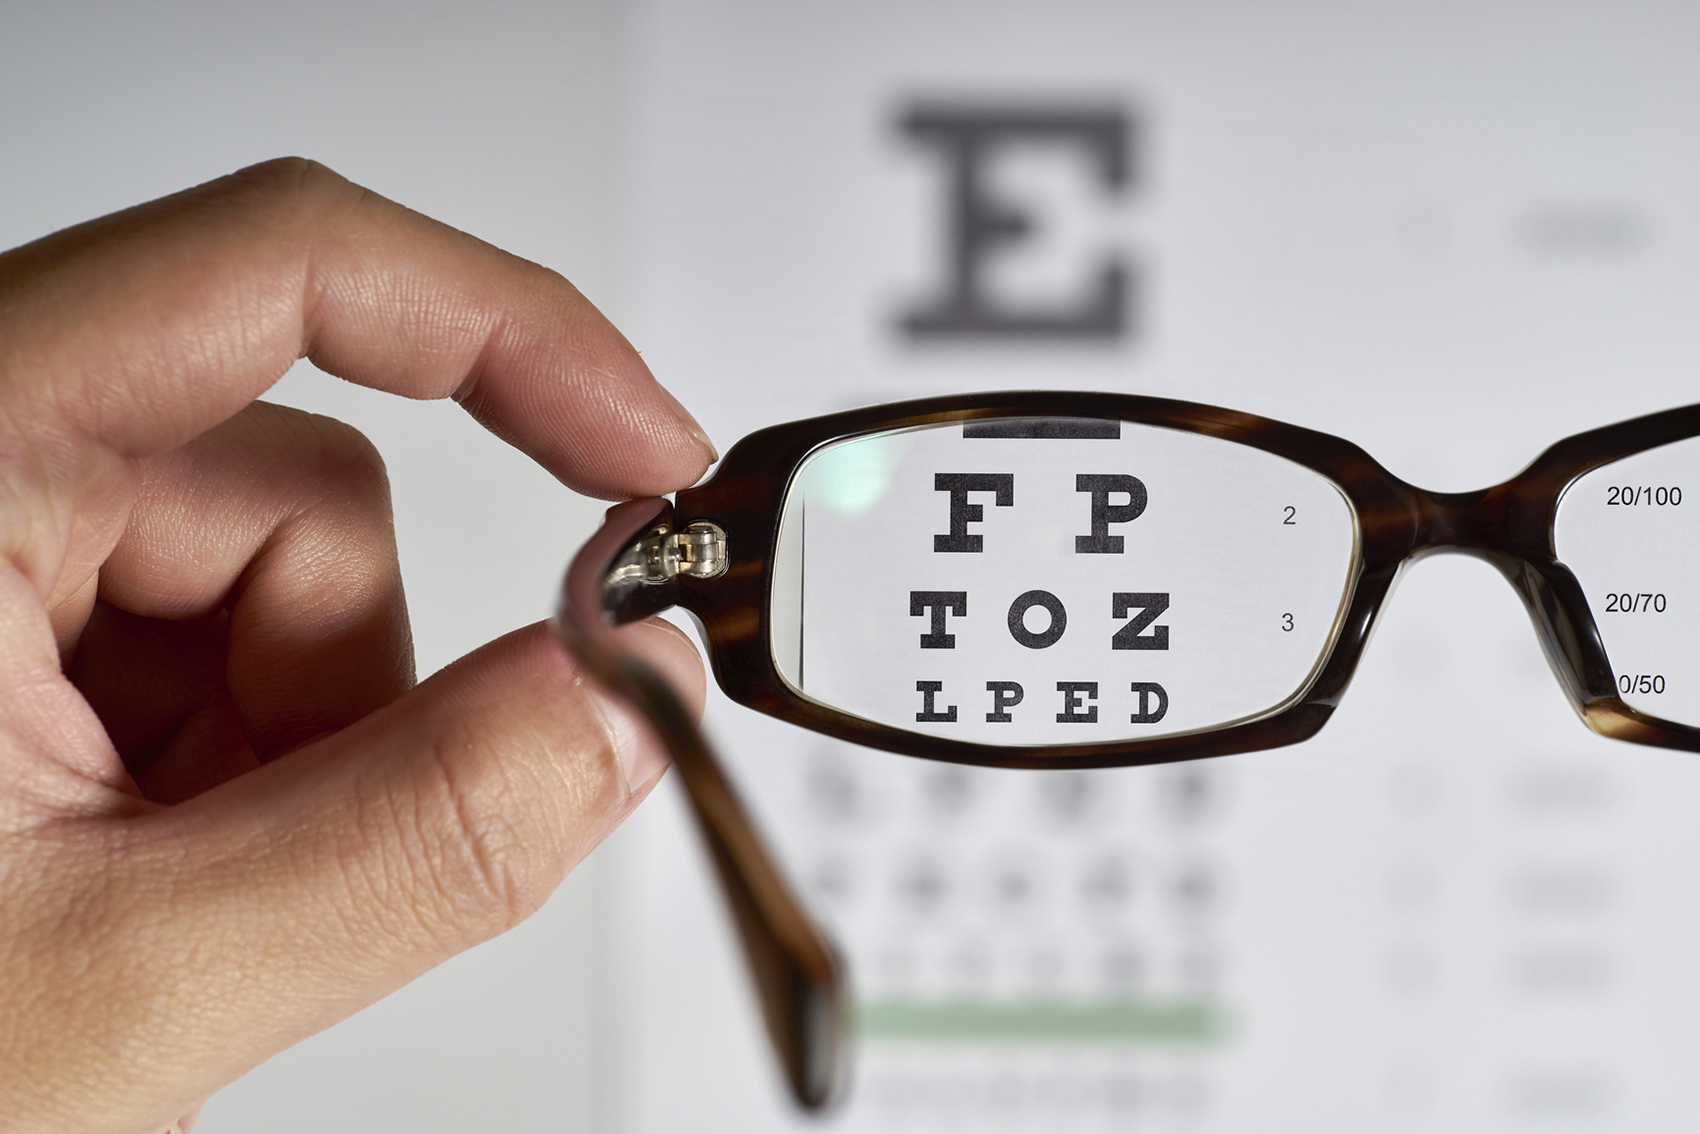 آلودگی هوا، عامل بروز اختلالات حرکتی و بینایی در کودکان